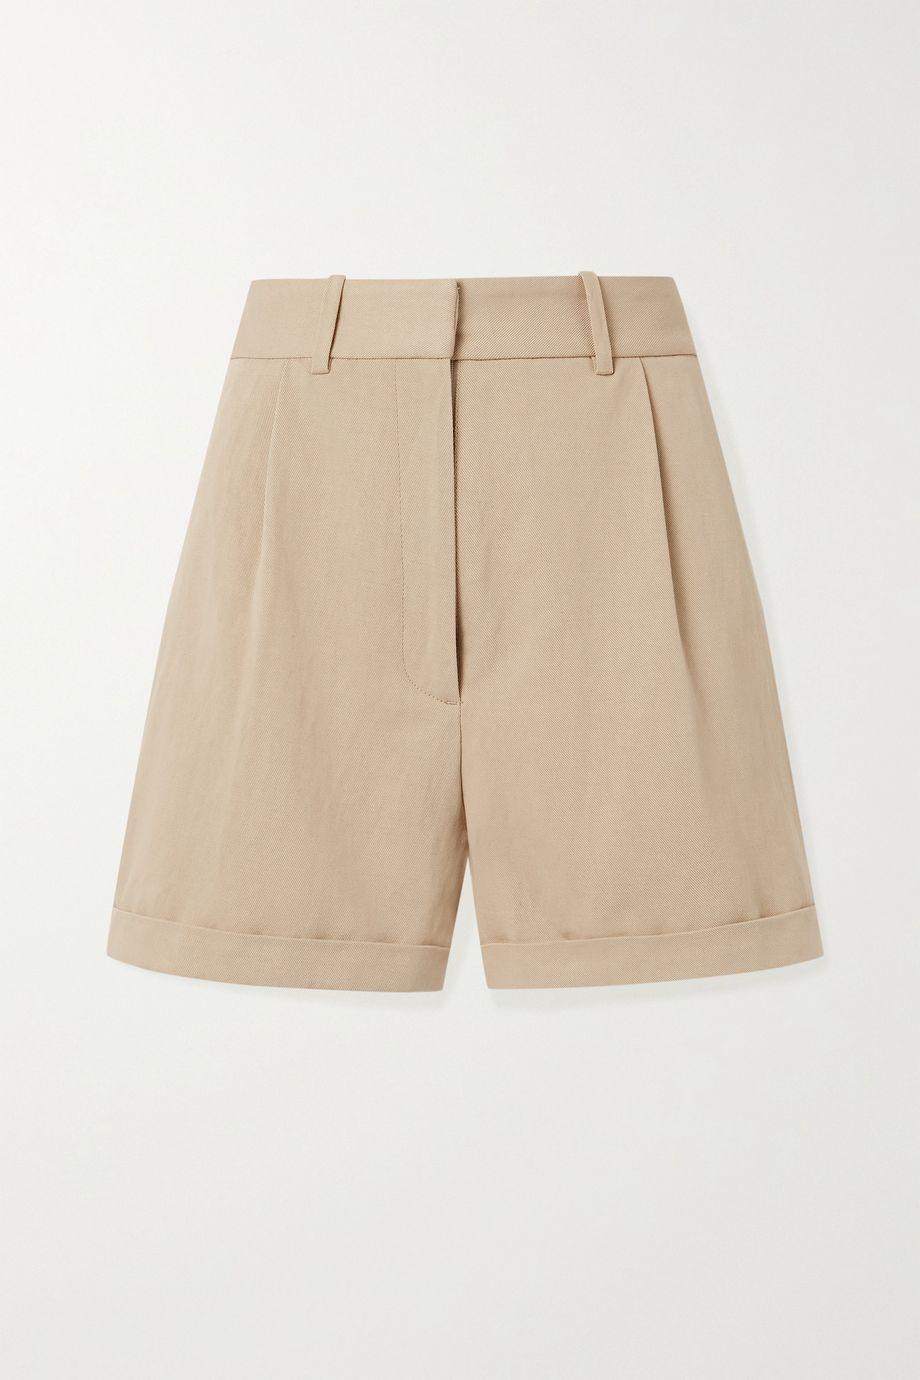 Nili Lotan Napa twill shorts